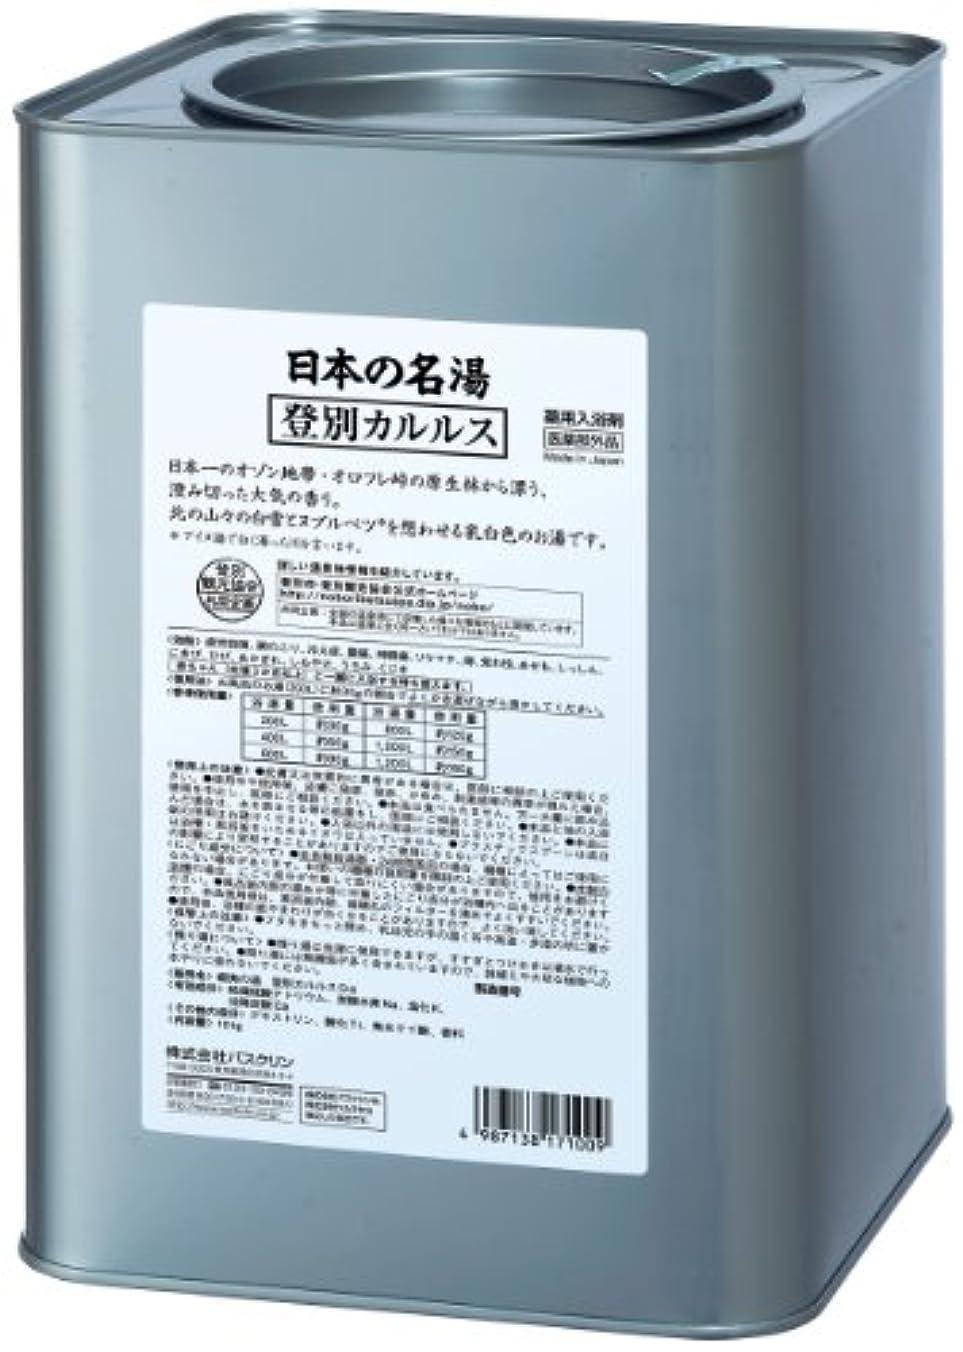 場合指定うま【医薬部外品/業務用】日本の名湯入浴剤 登別カルルス(北海道)10kg 大容量 温泉成分 温泉タイプ